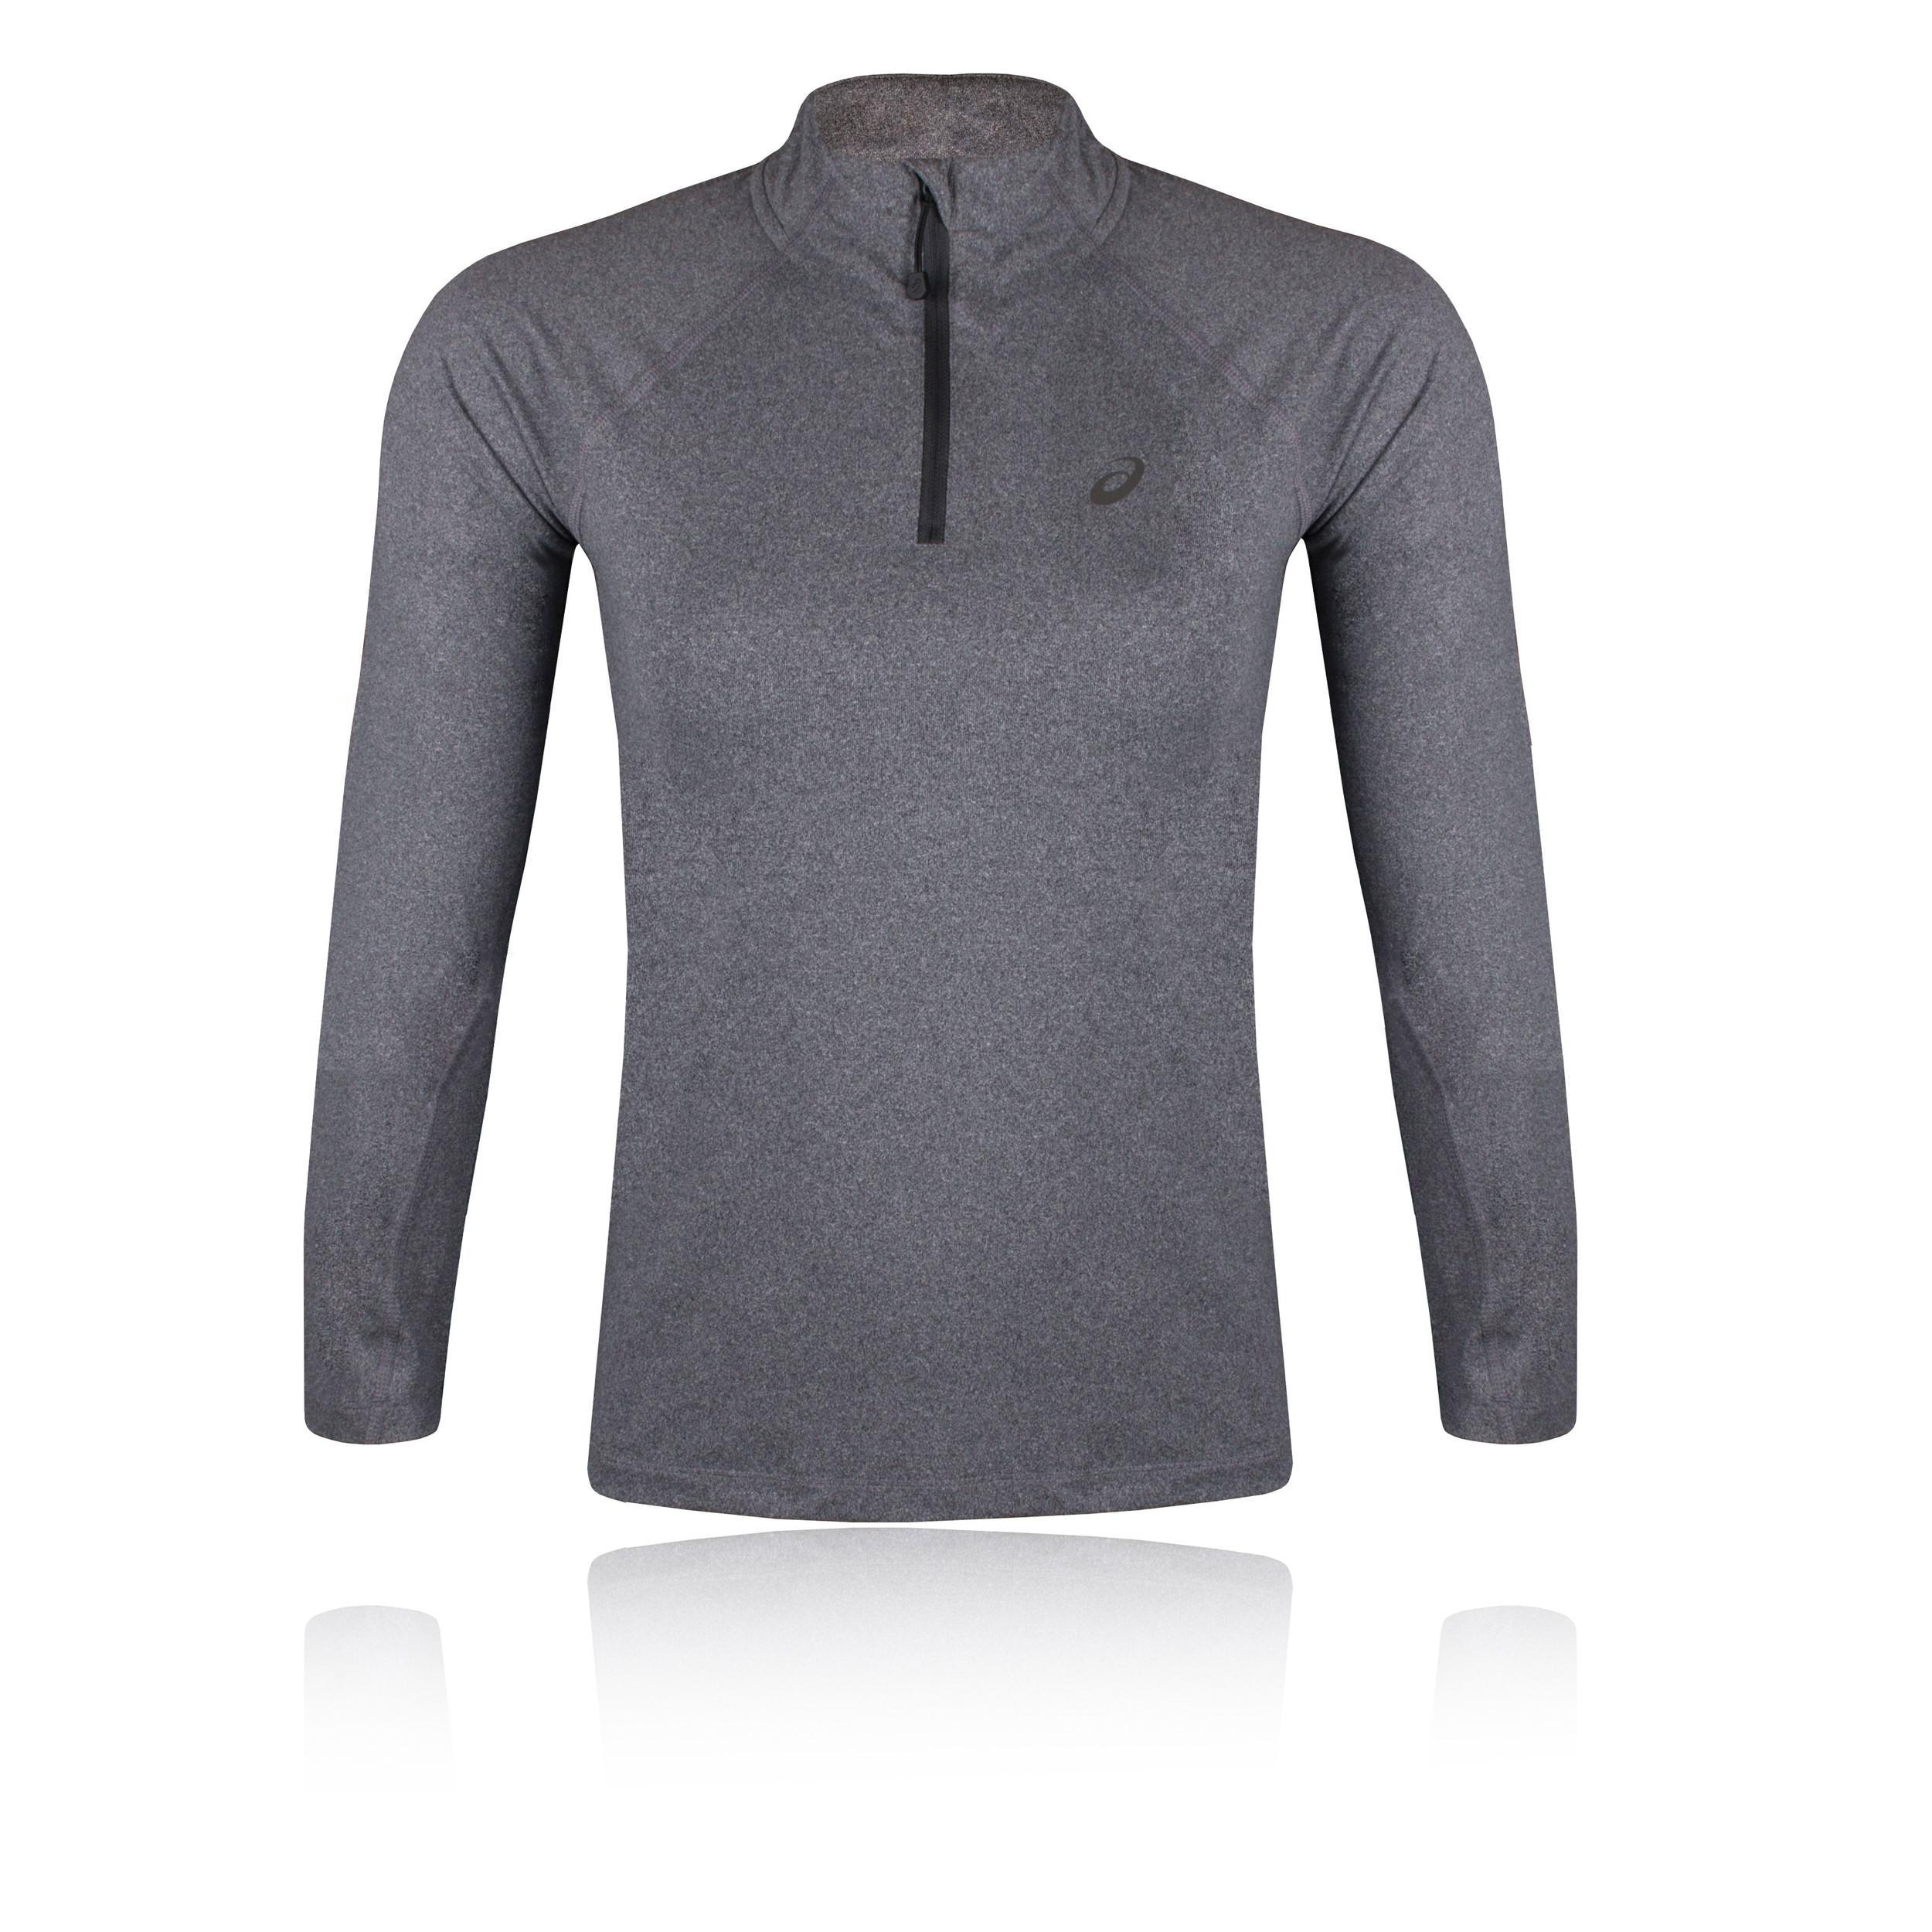 2d42ac9a Details about Asics Womens Grey Half Zip Long Sleeve Running Jersey  Baselayer Sports Top